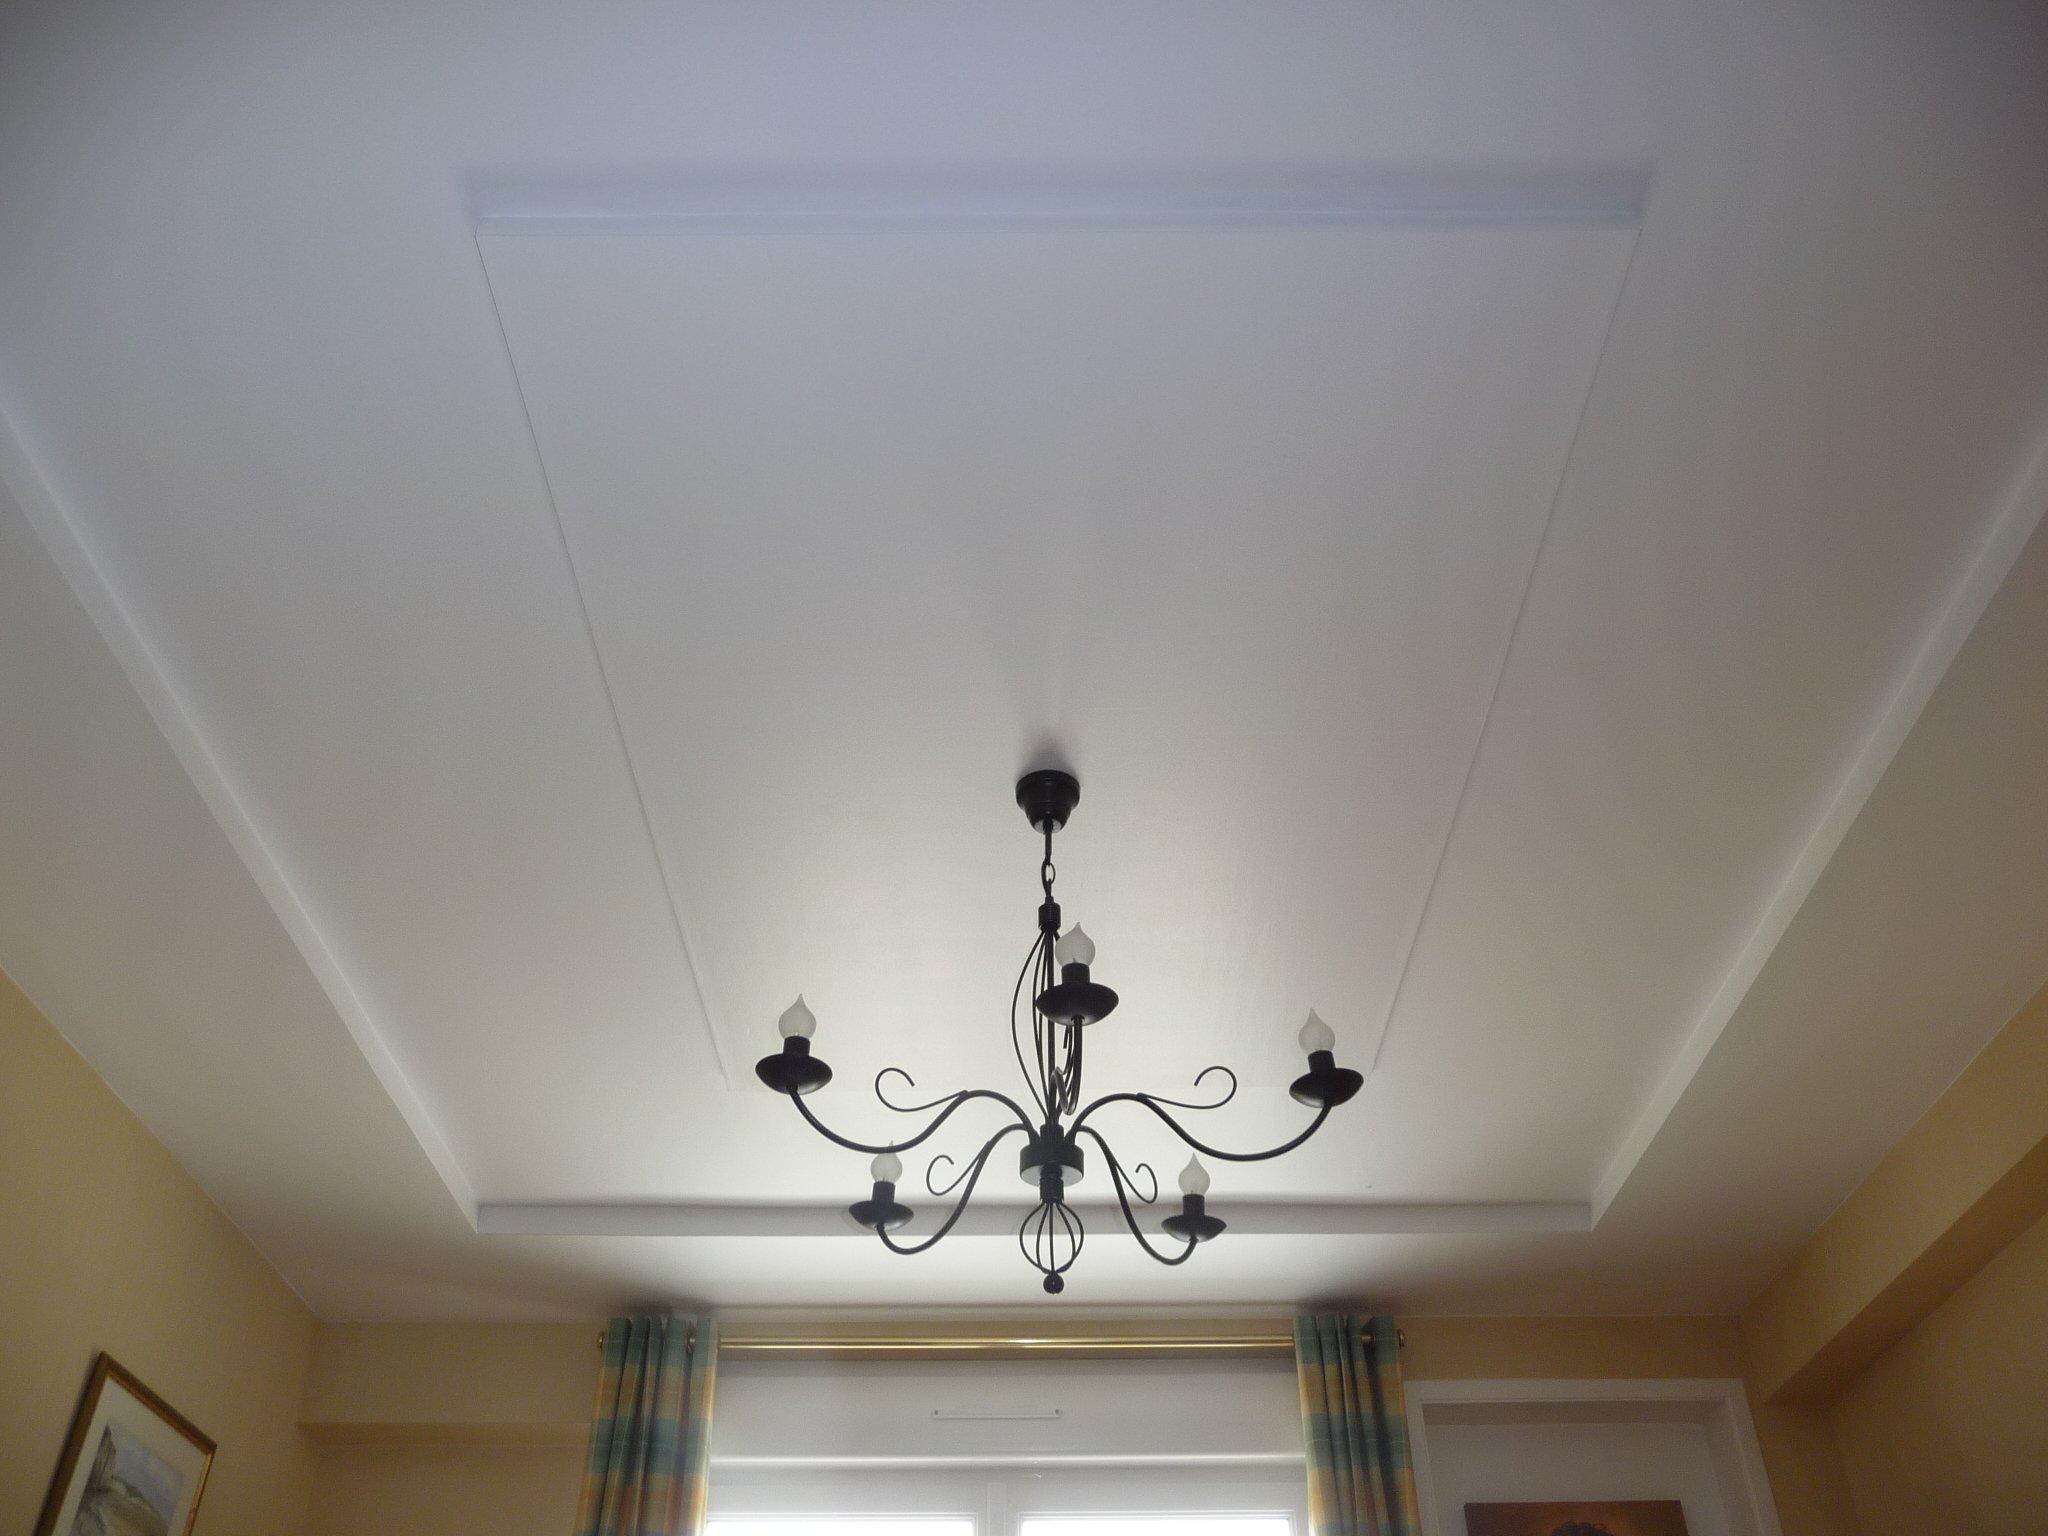 Faux plafond sur poutrelle hourdis polystyrene aix en provence service trav - Faux plafond polystyrene ...